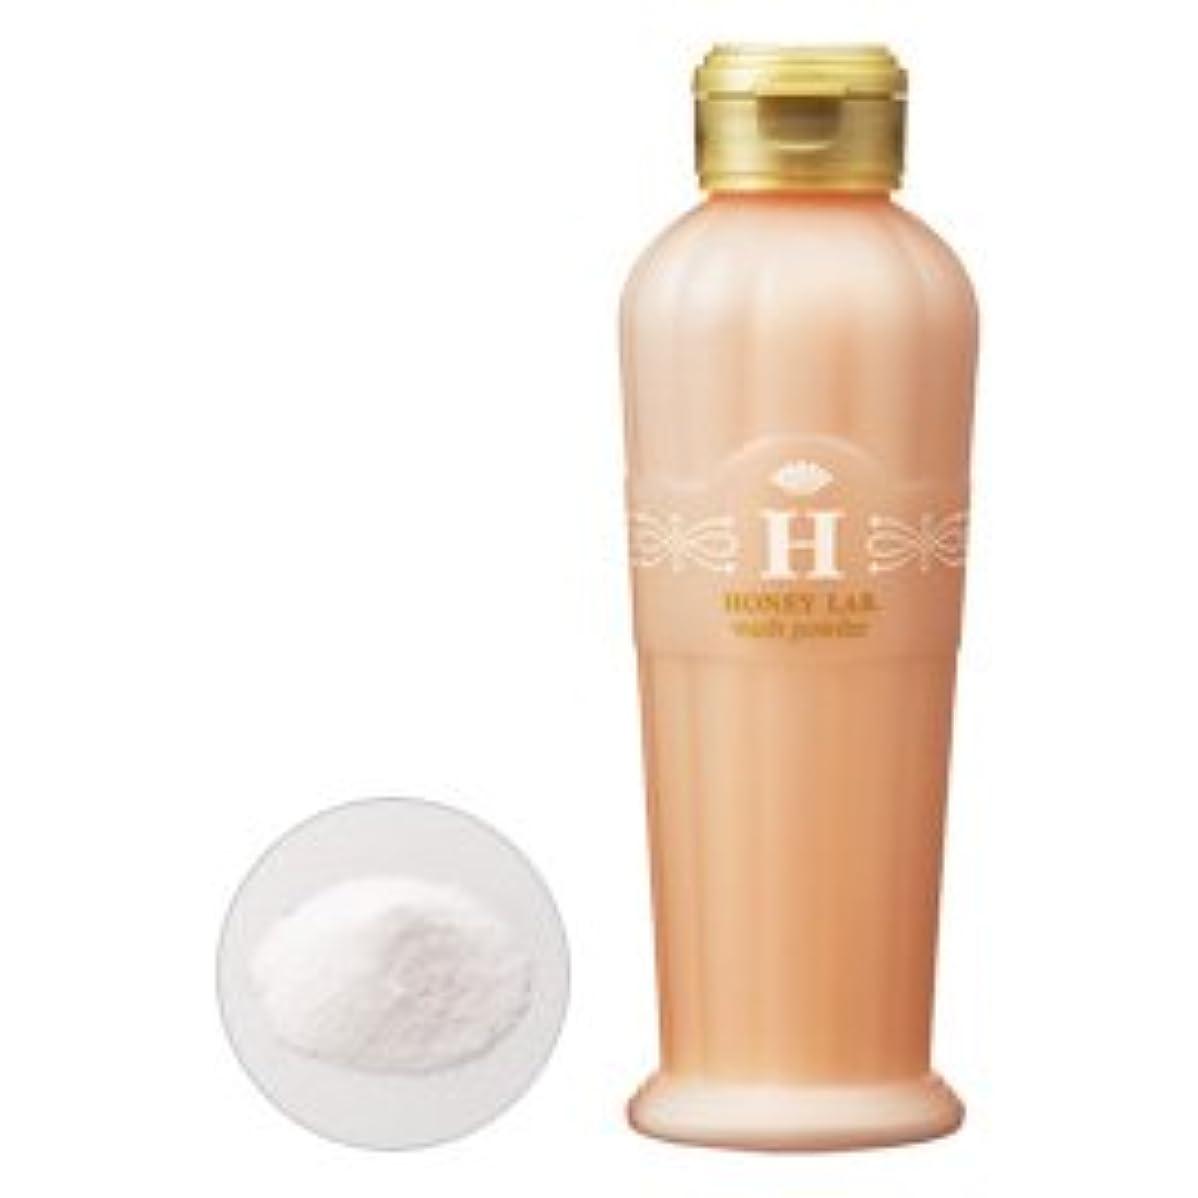 包括的ハードウェア深めるハニーラボ 洗顔パウダー 粉末状洗顔料 60g/Honey lab Face Wash Powder <60g>